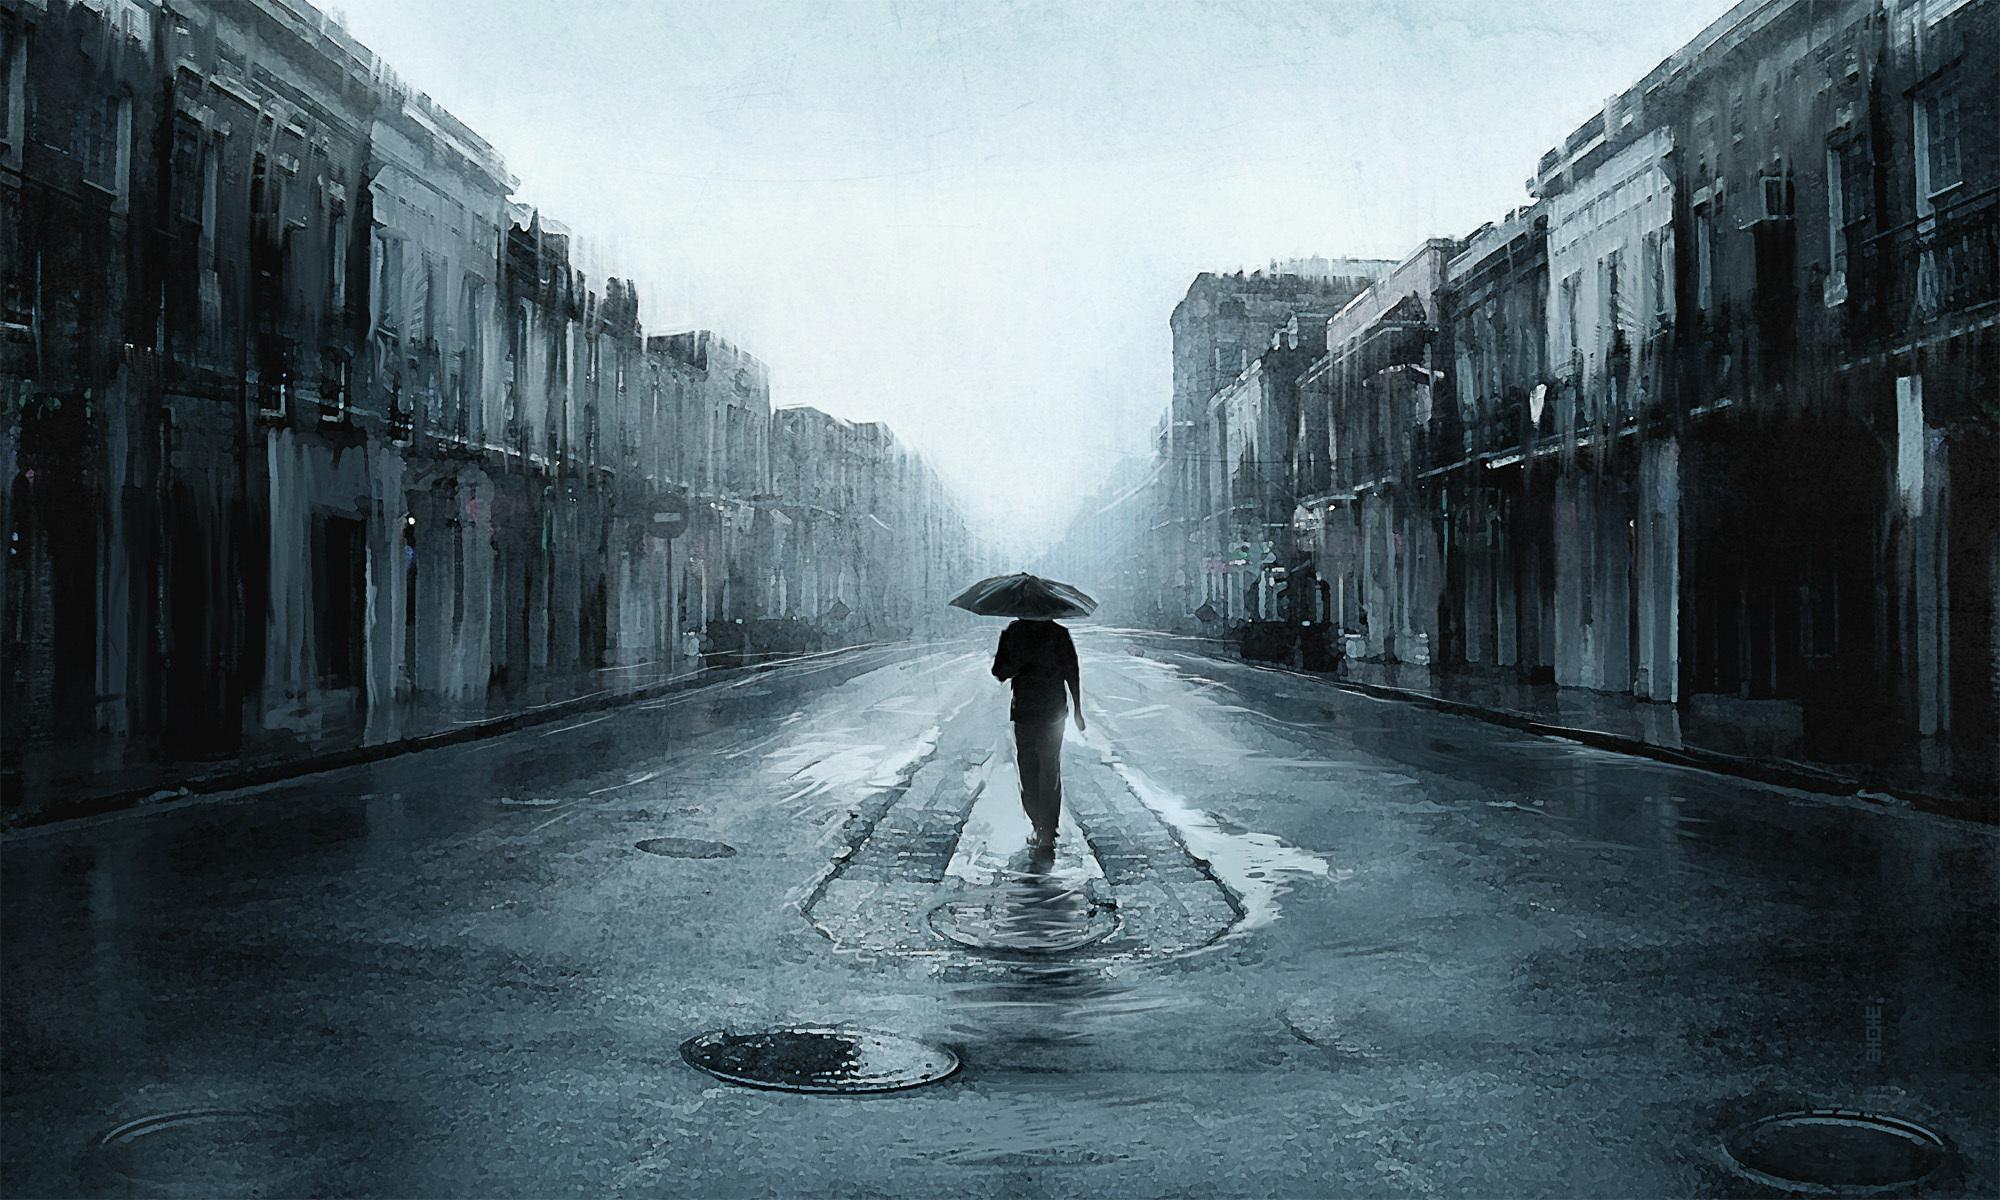 Картинки о дожде и грусти, днем